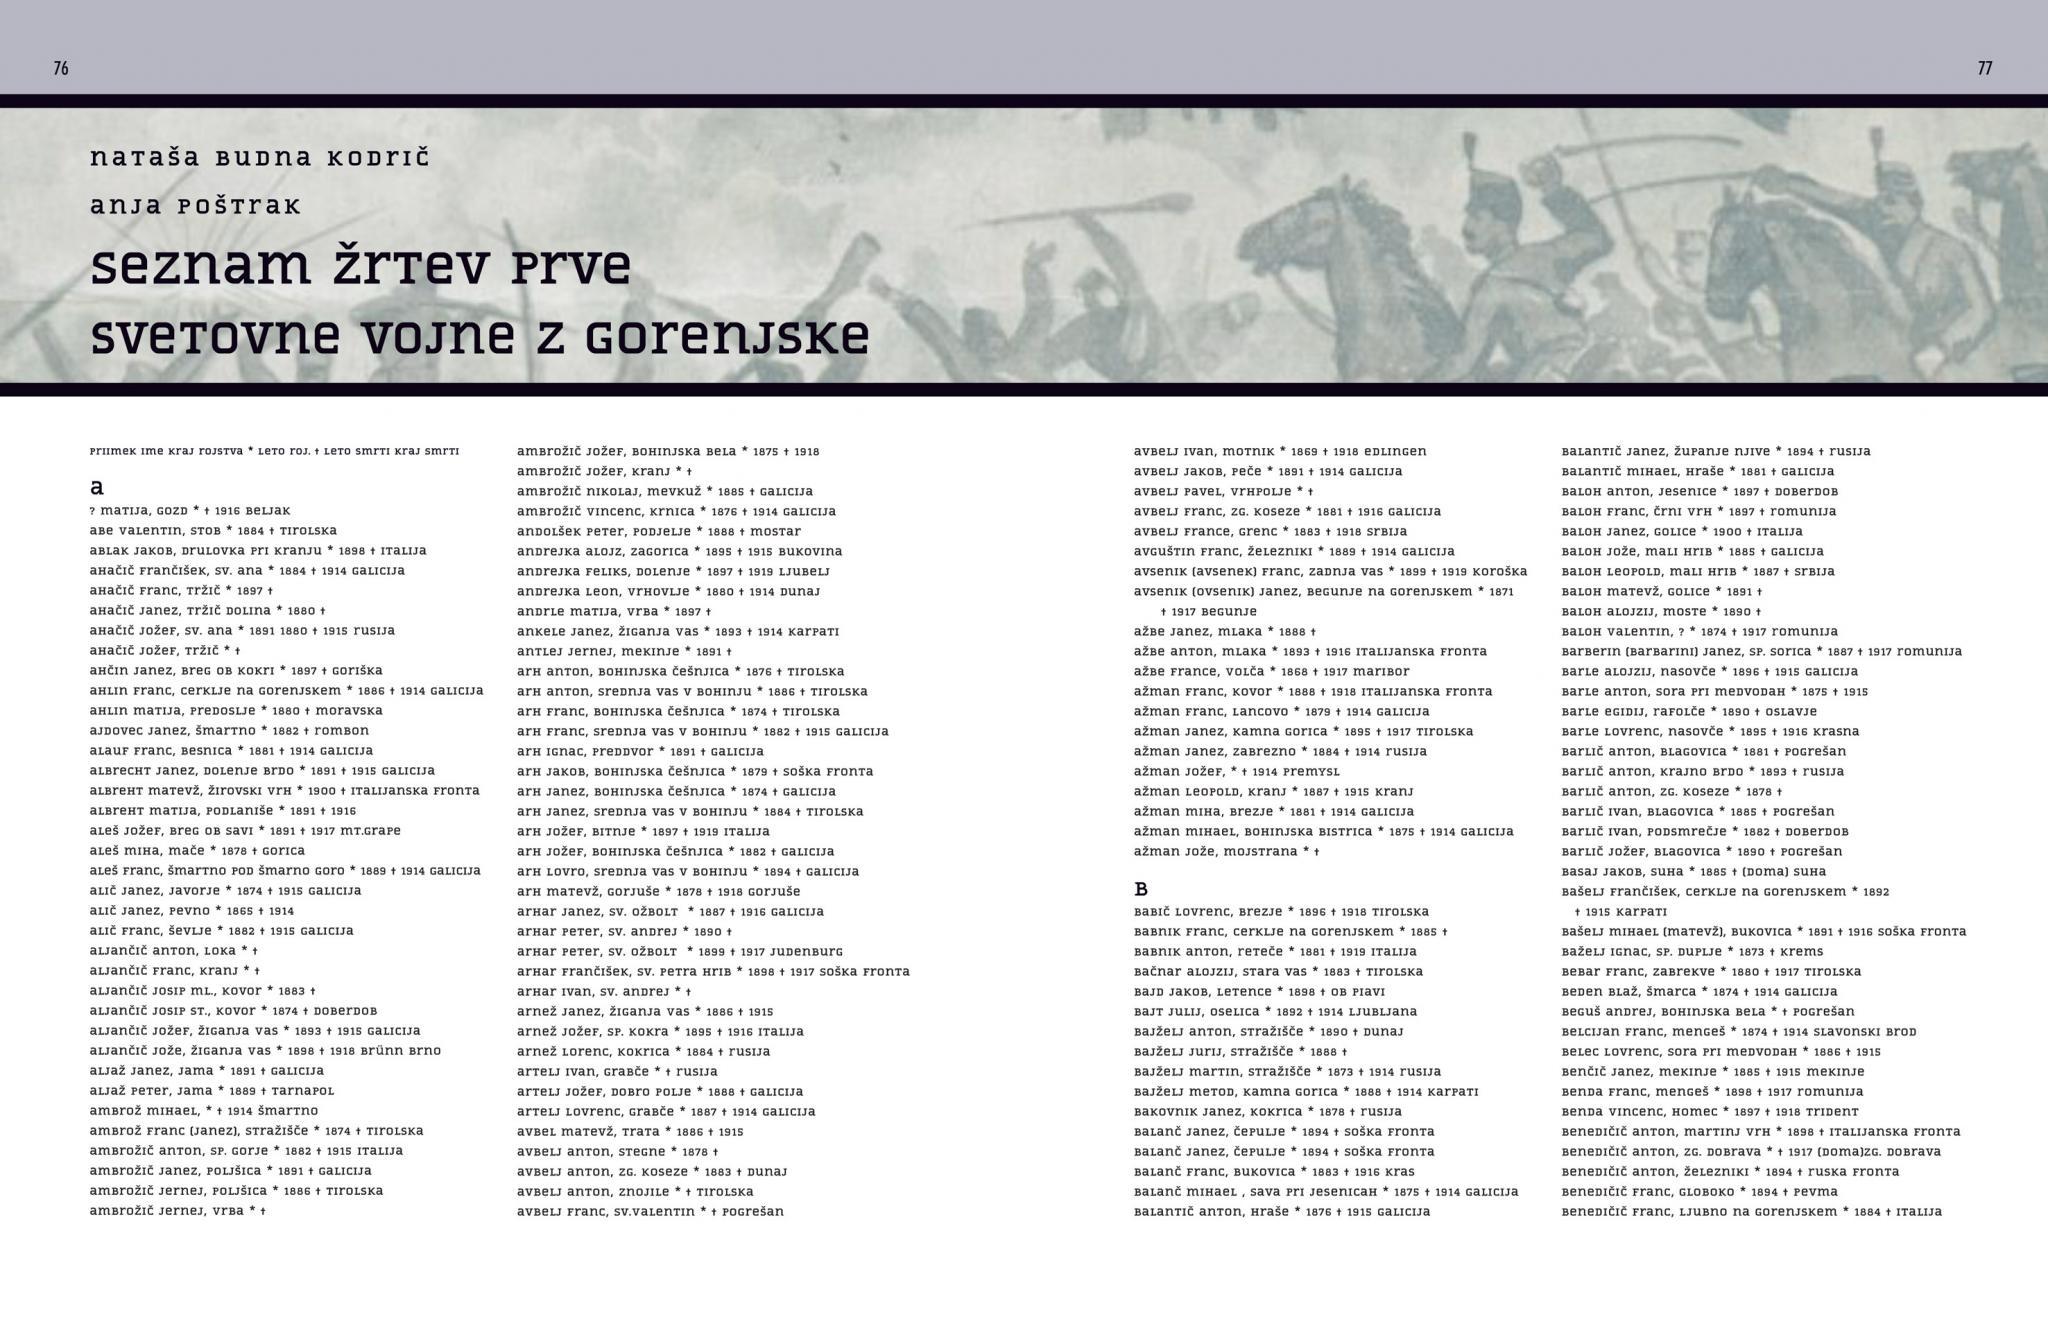 Seznam zrtev